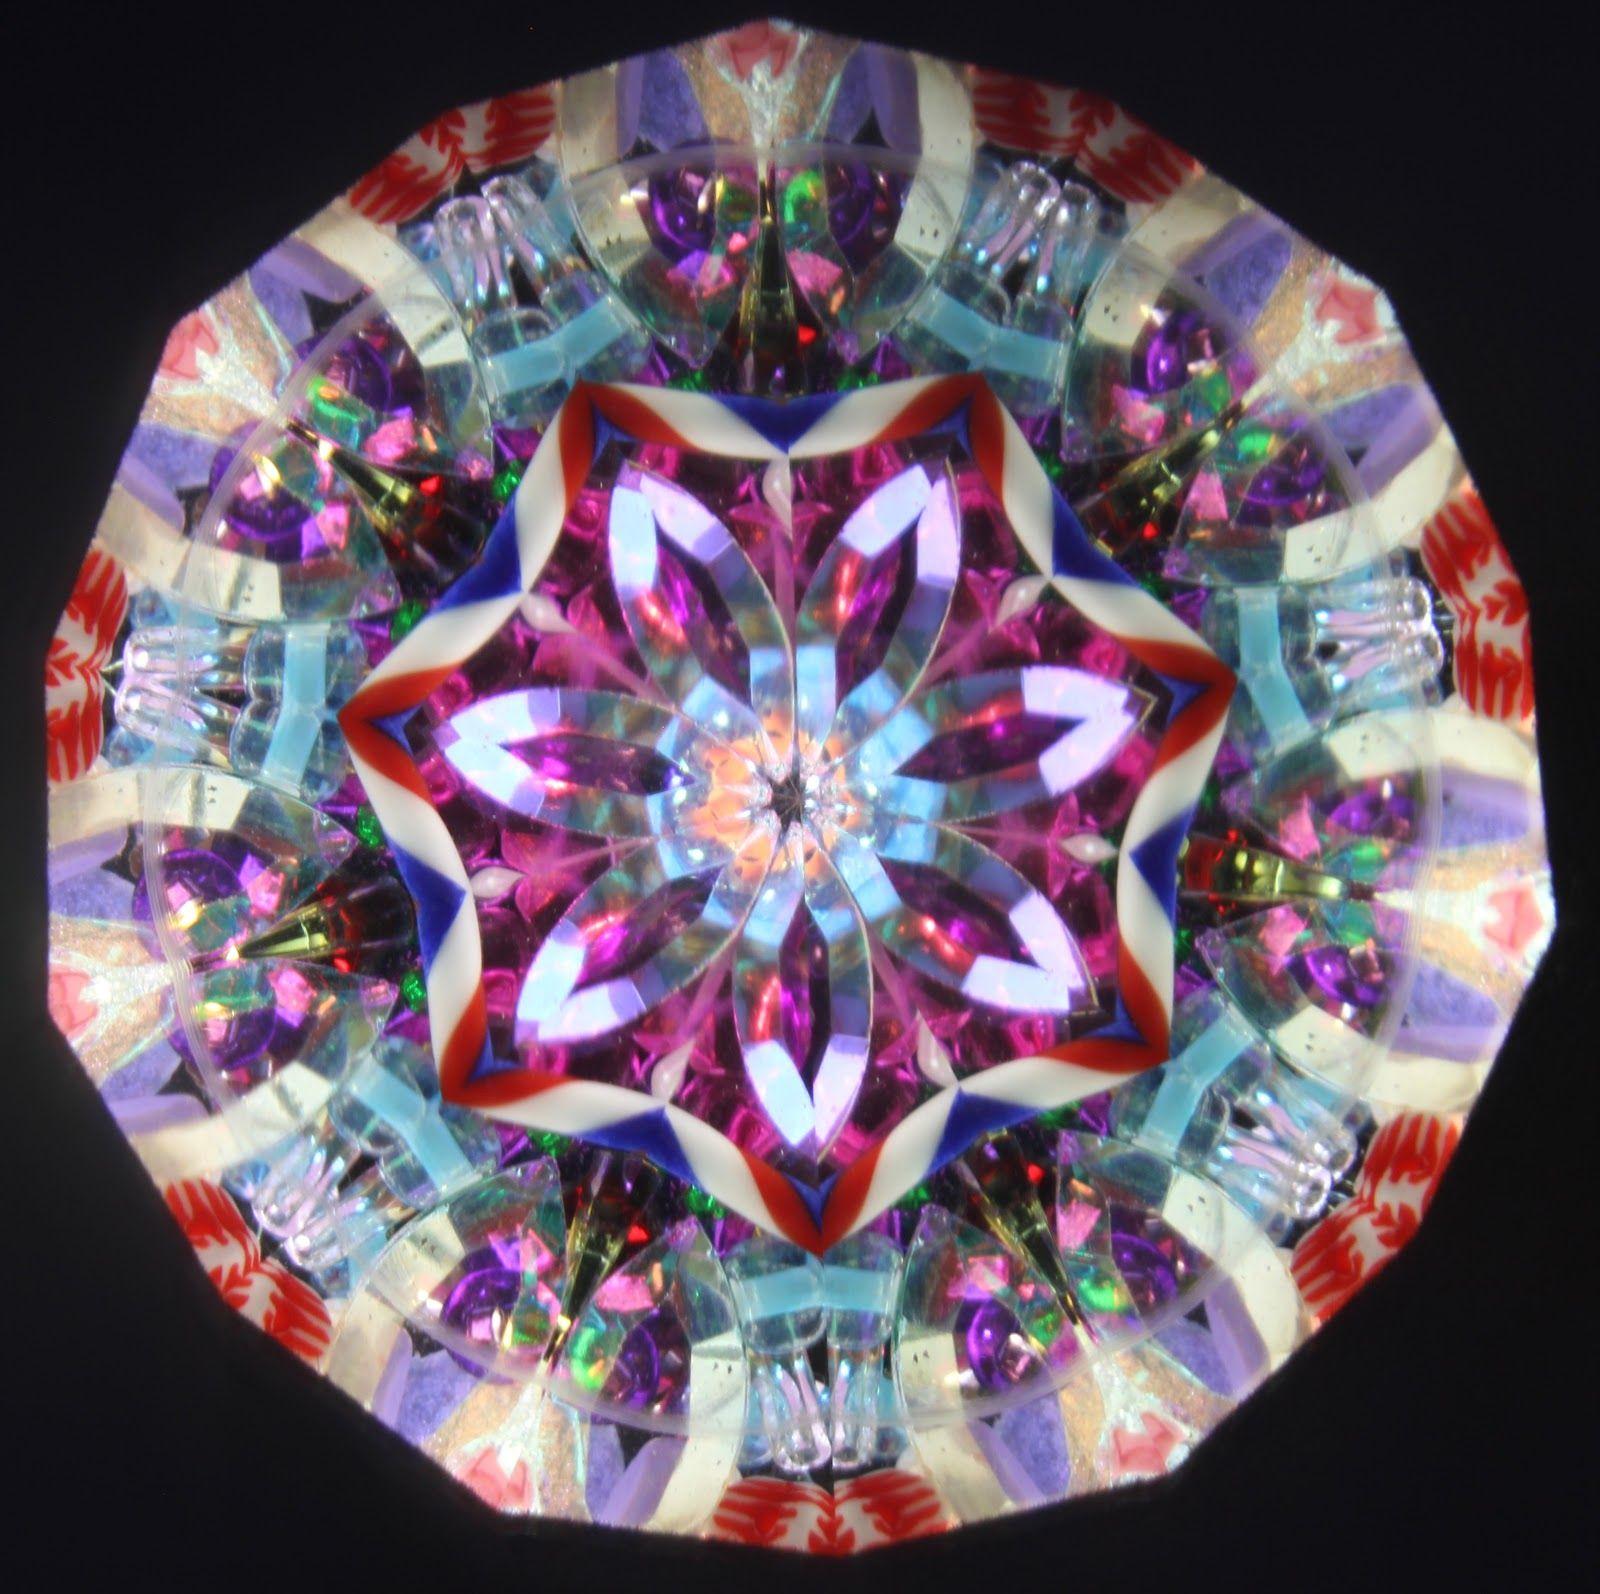 Kaleidoscope Ca: Kaleidoscope Photography